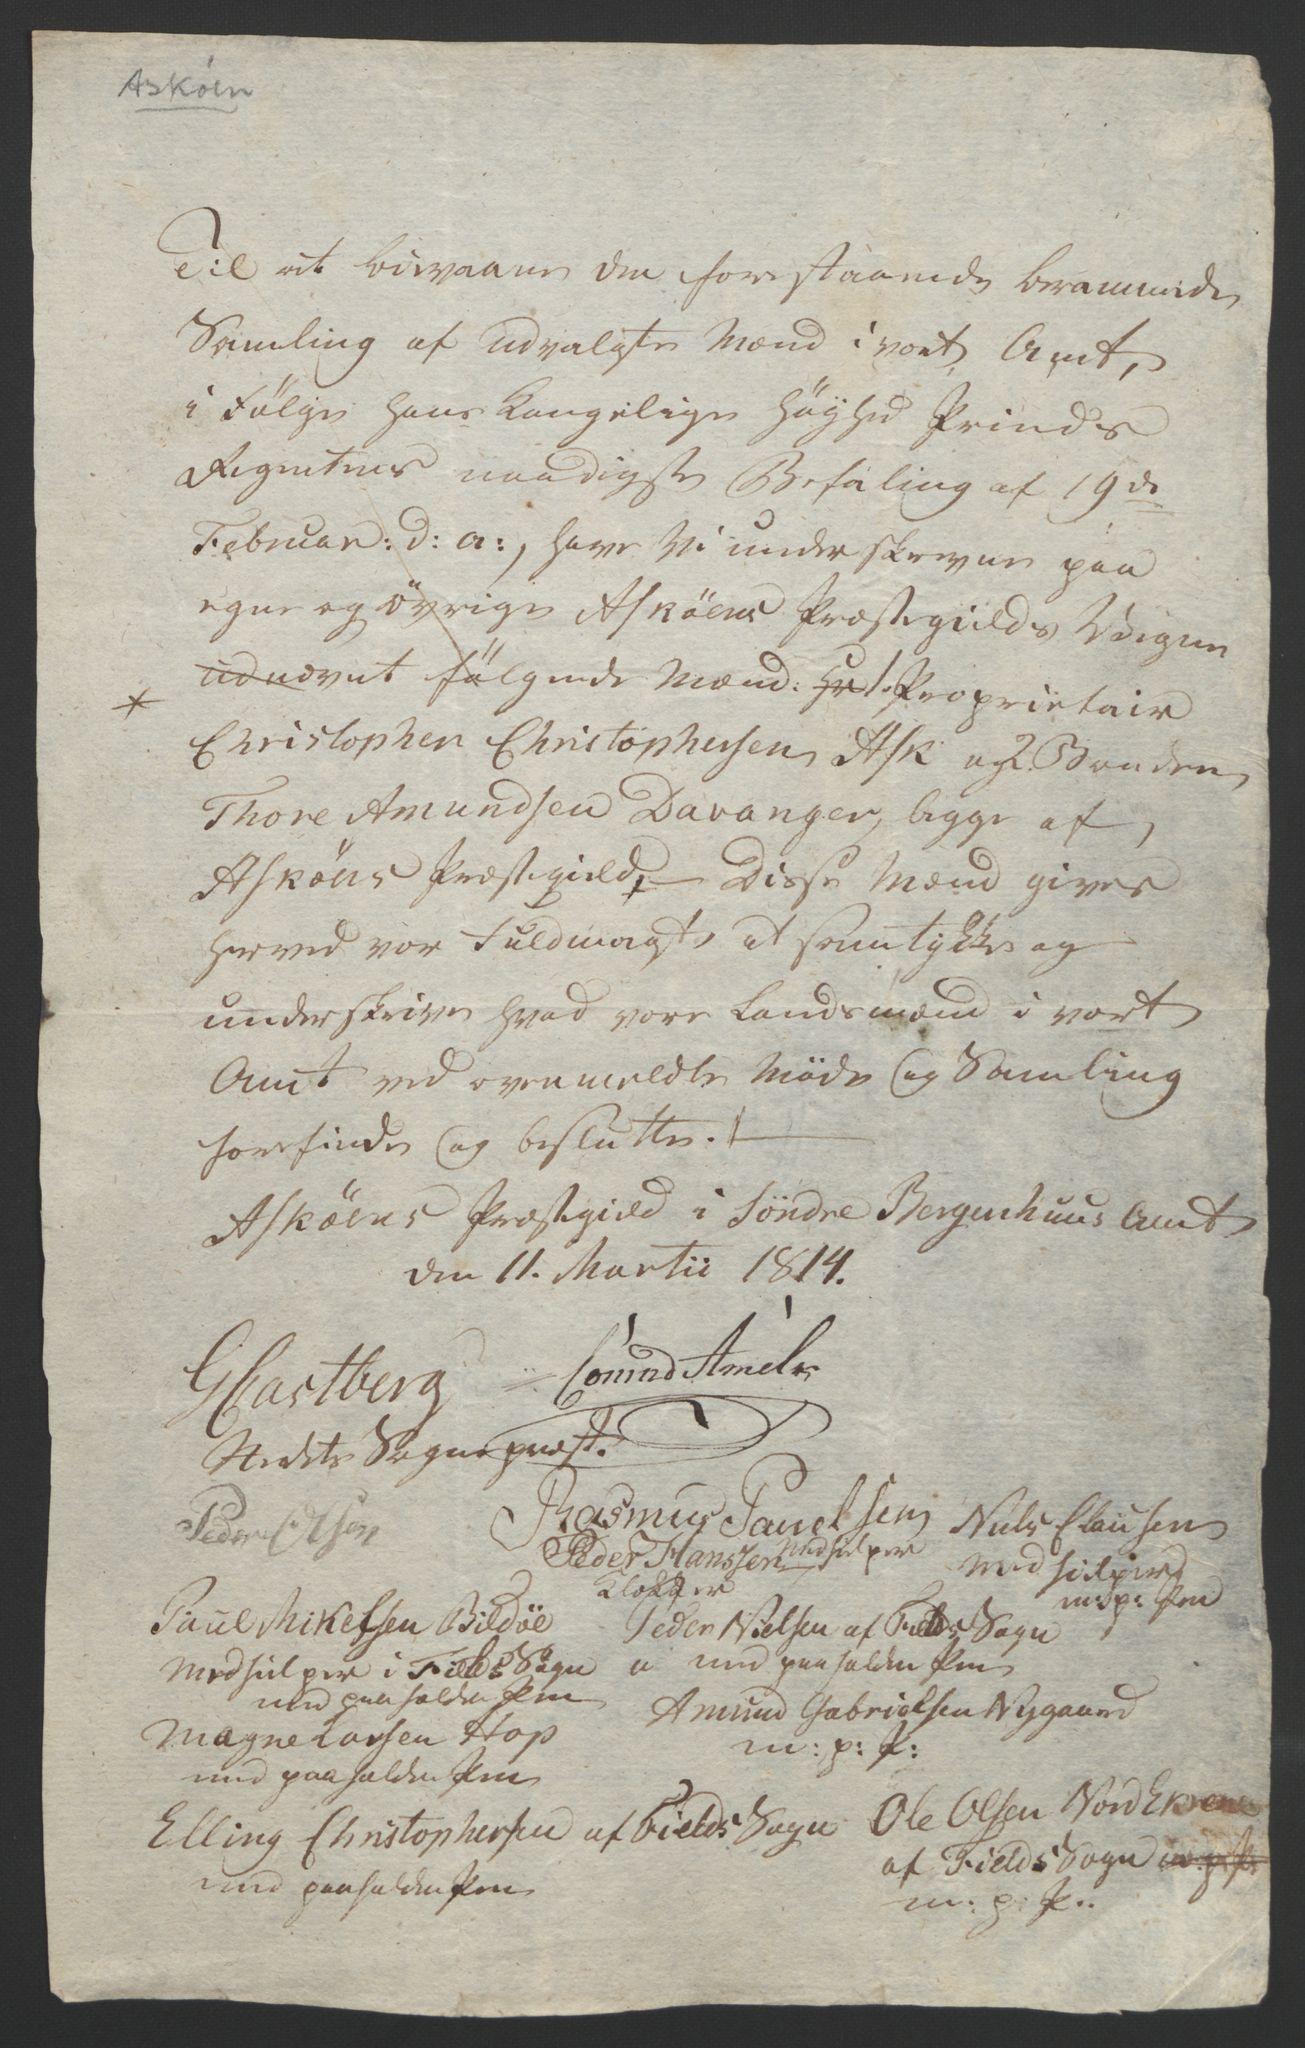 RA, Statsrådssekretariatet, D/Db/L0008: Fullmakter for Eidsvollsrepresentantene i 1814. , 1814, s. 268